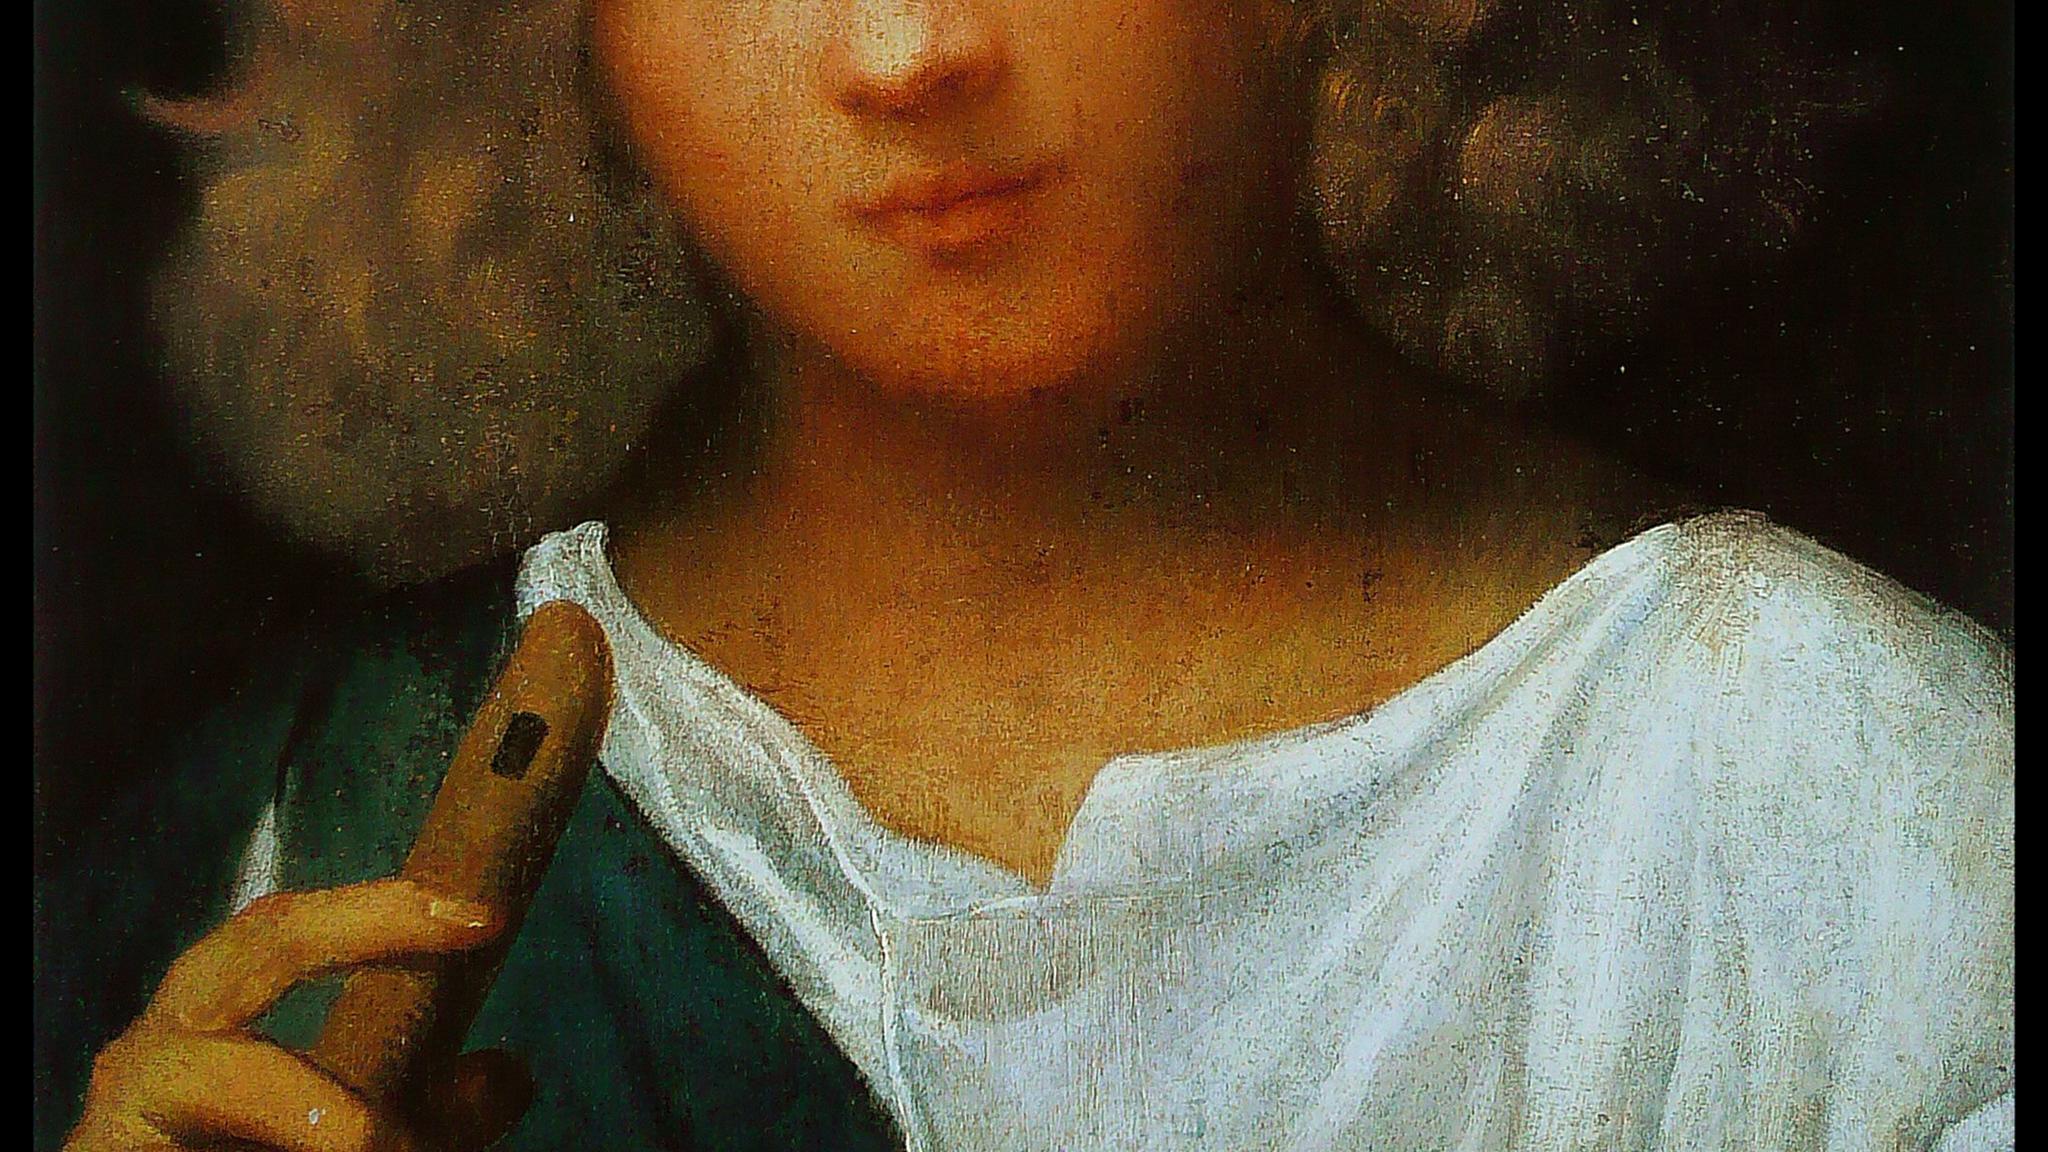 Vem spelar på en pipa en låt av gryningsluft, för himmelsk att begripa, höjd över allt förnuft?